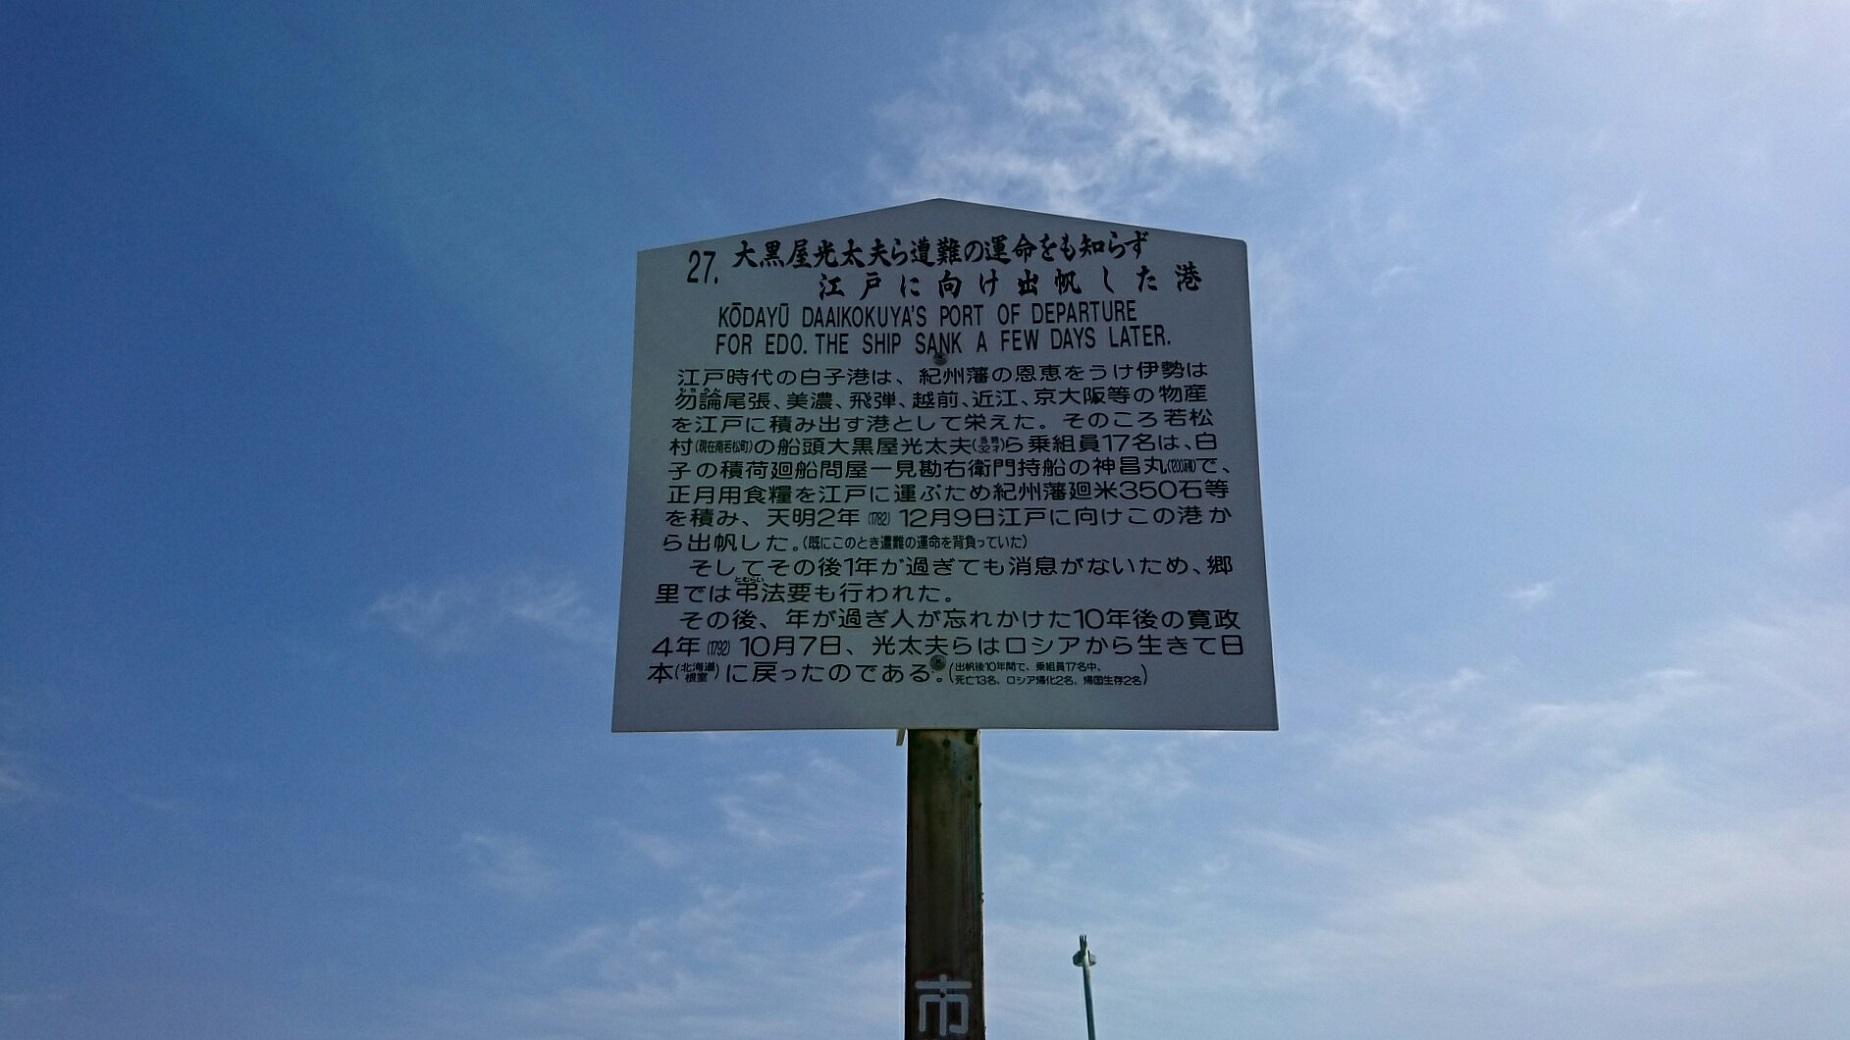 2018.3.13 白子 (50) 白子港 - 大黒屋光太夫の説明がき 1850-1040